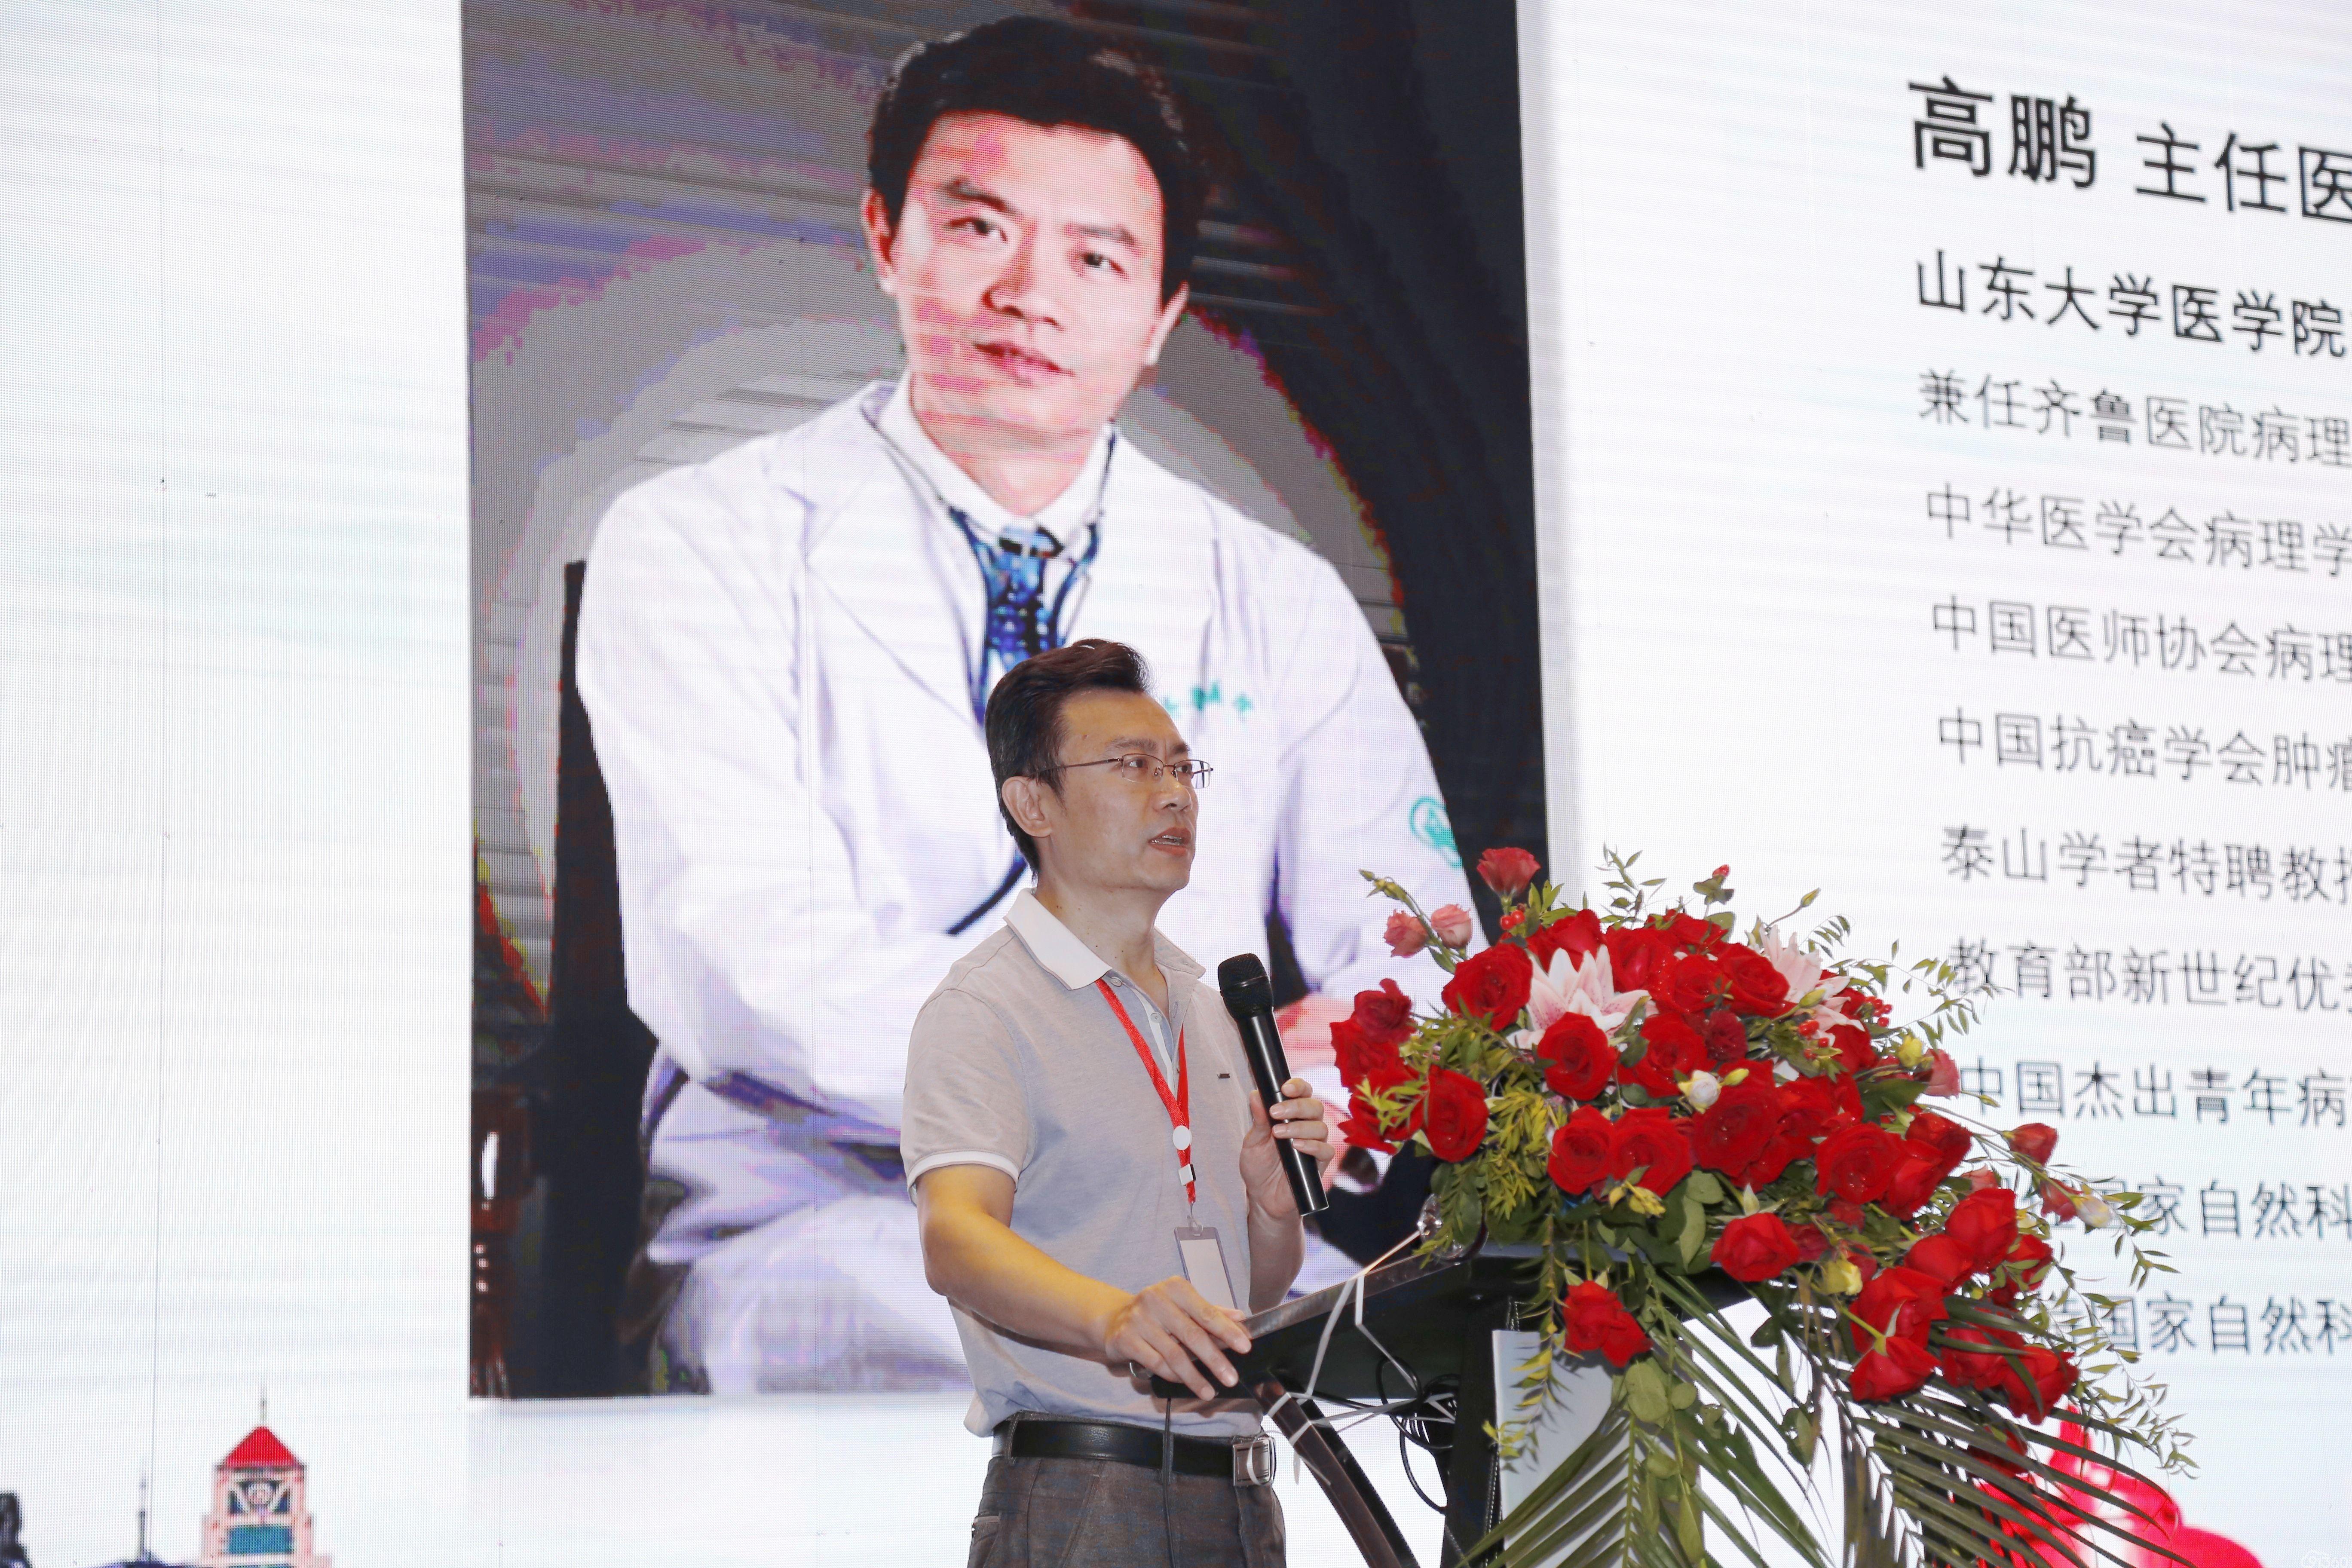 """青岛大学附属医院病理科举办""""2019年分子病理诊断技术在肿瘤诊疗中的应用培训班"""""""